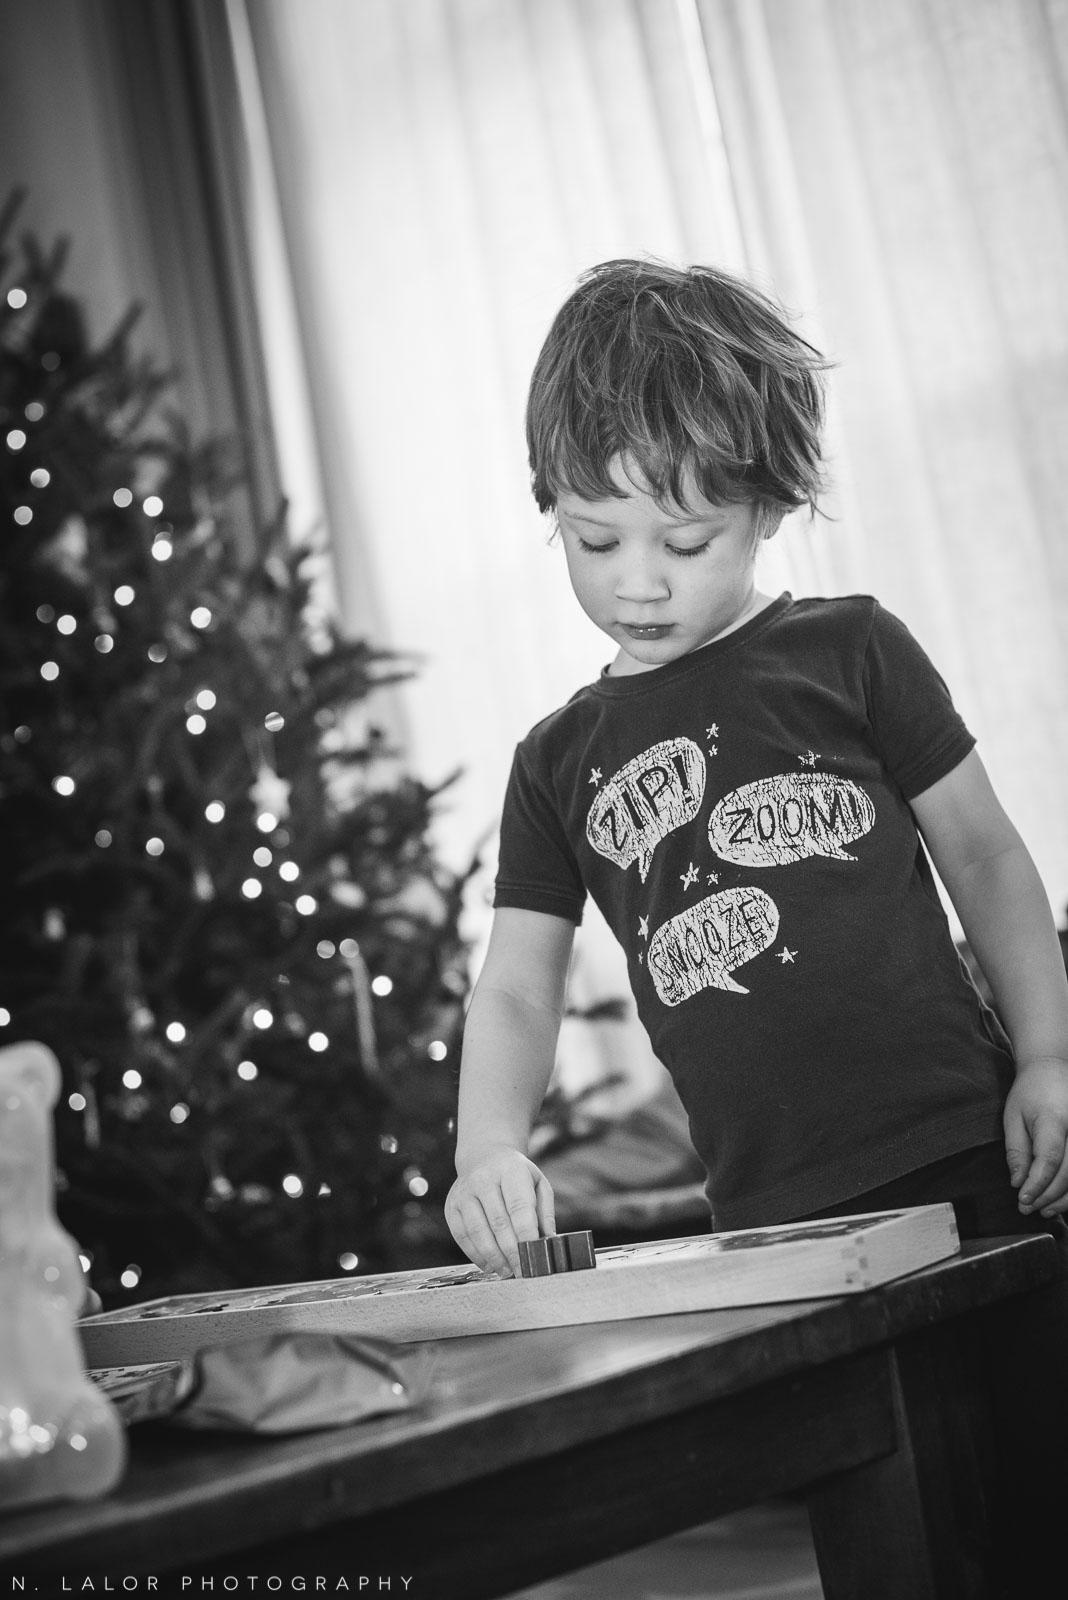 nlalor-photography-2014-christmas-morning-9.jpg